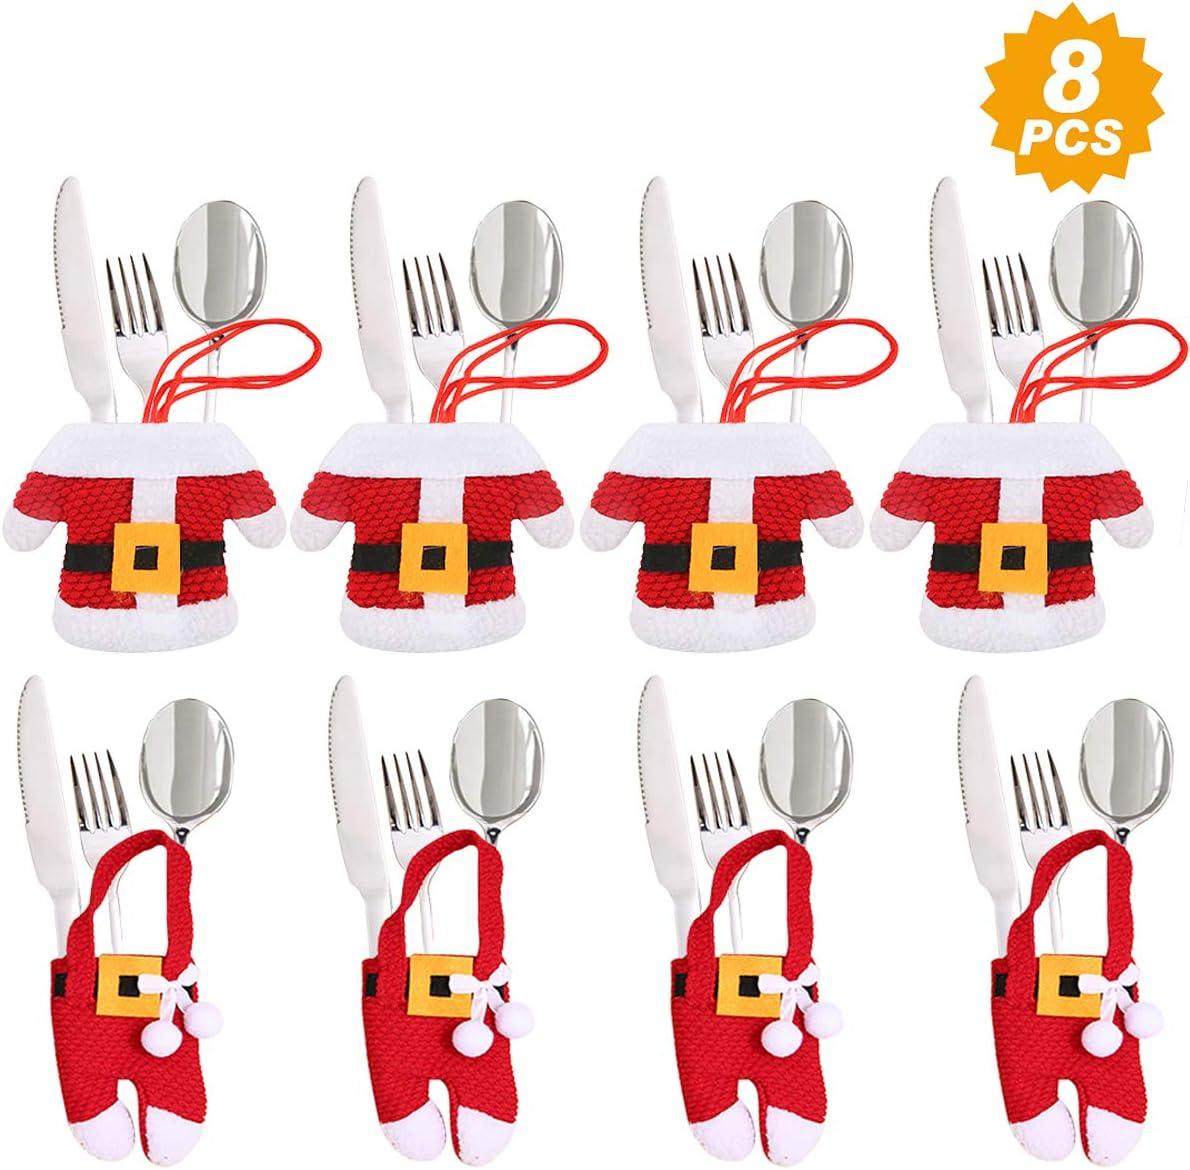 Aitsite 8 Piezas Navidad Cocina Cubiertos Cuchillo Tenedor Cuchara Pap/á Noel Mu/ñeco Nieve Alce Cuchillo Porta Bolsas Decoraciones para Mesa Bolsita Cubiertos Navidad Santa